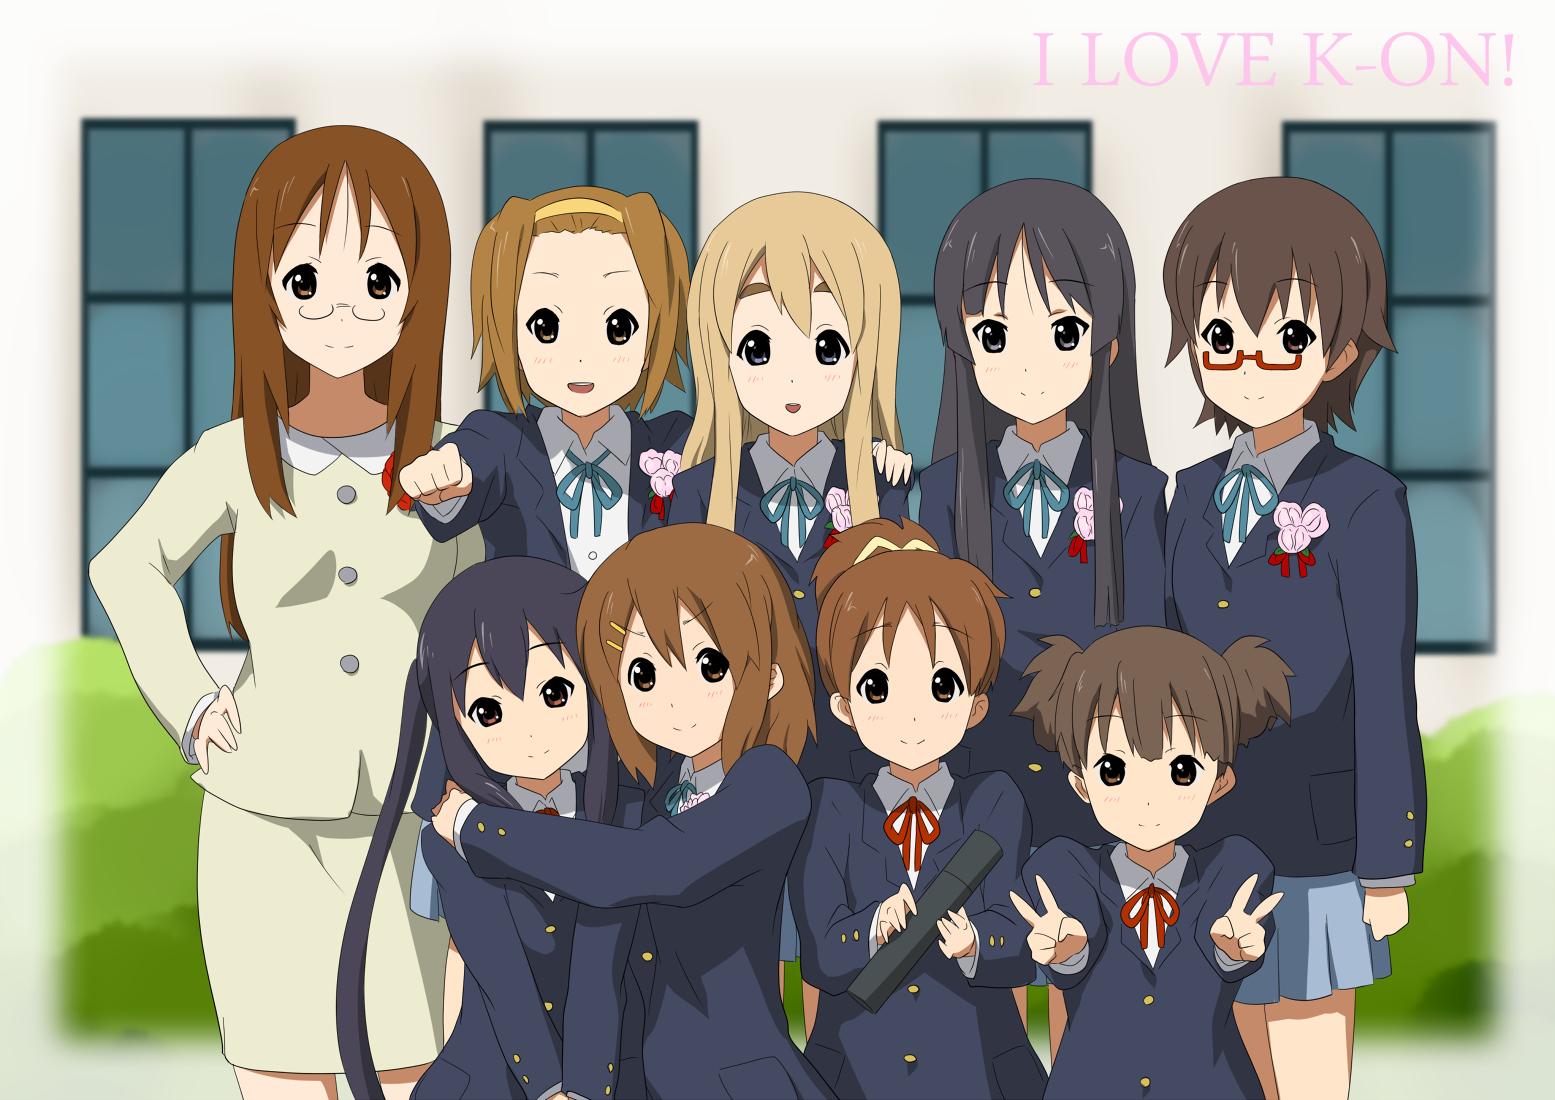 akiyama_mio hirasawa_ui hirasawa_yui k-on! kotobuki_tsumugi manabe_nodoka nakano_azusa namine0079 school_uniform suzuki_jun tainaka_ritsu yamanaka_sawako